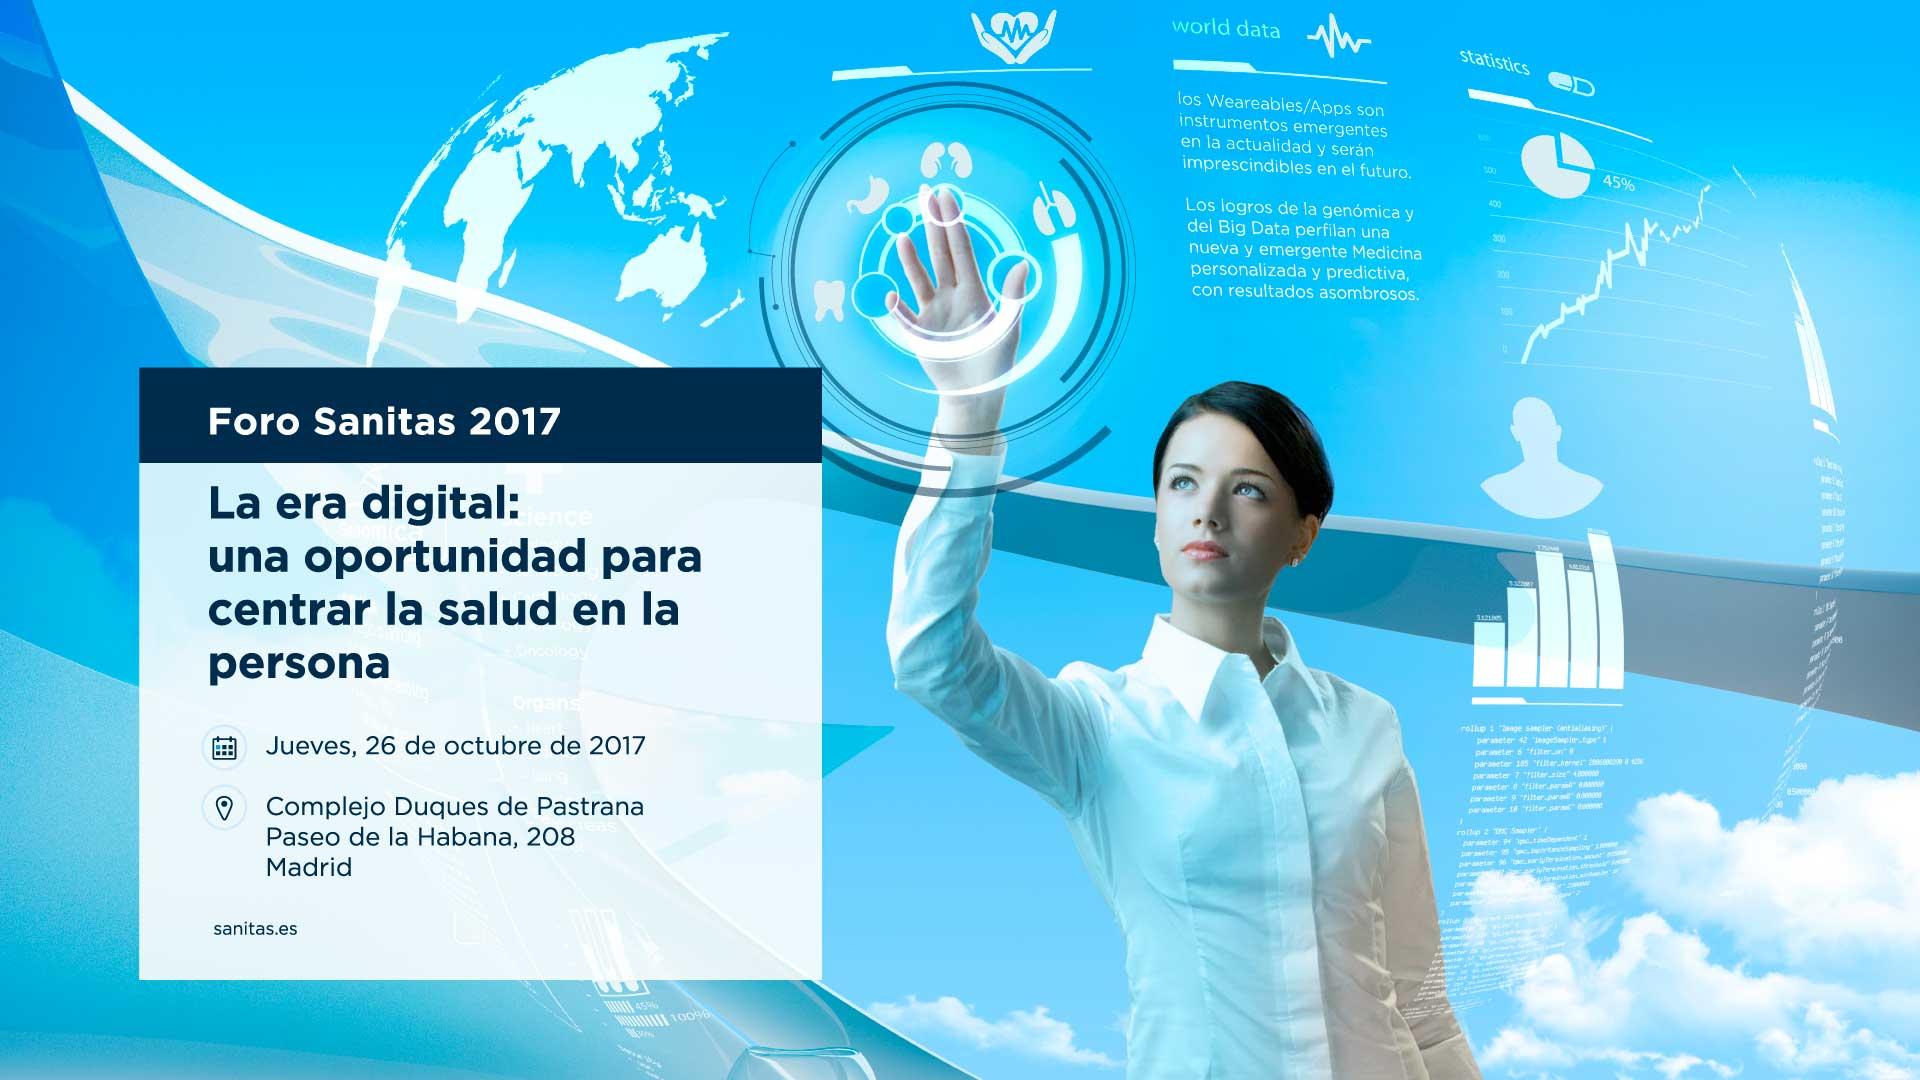 La era digital: una oportunidad para centrar la salud en la persona